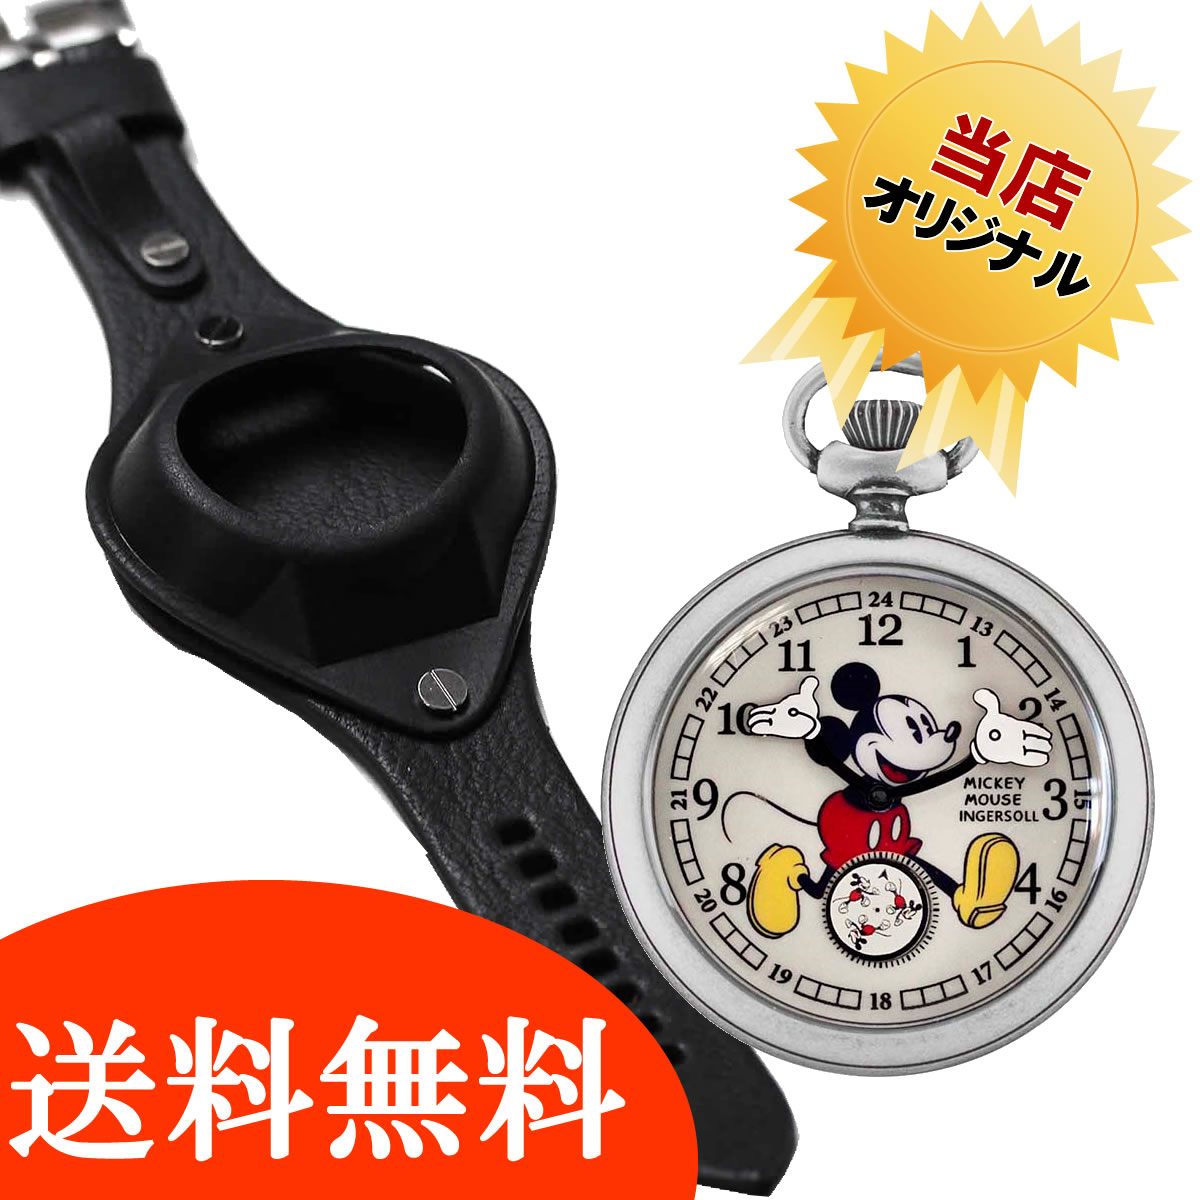 インガソールディズニーミッキーマウス懐中時計と懐中時計用腕時計レザーベルトブラックのセット